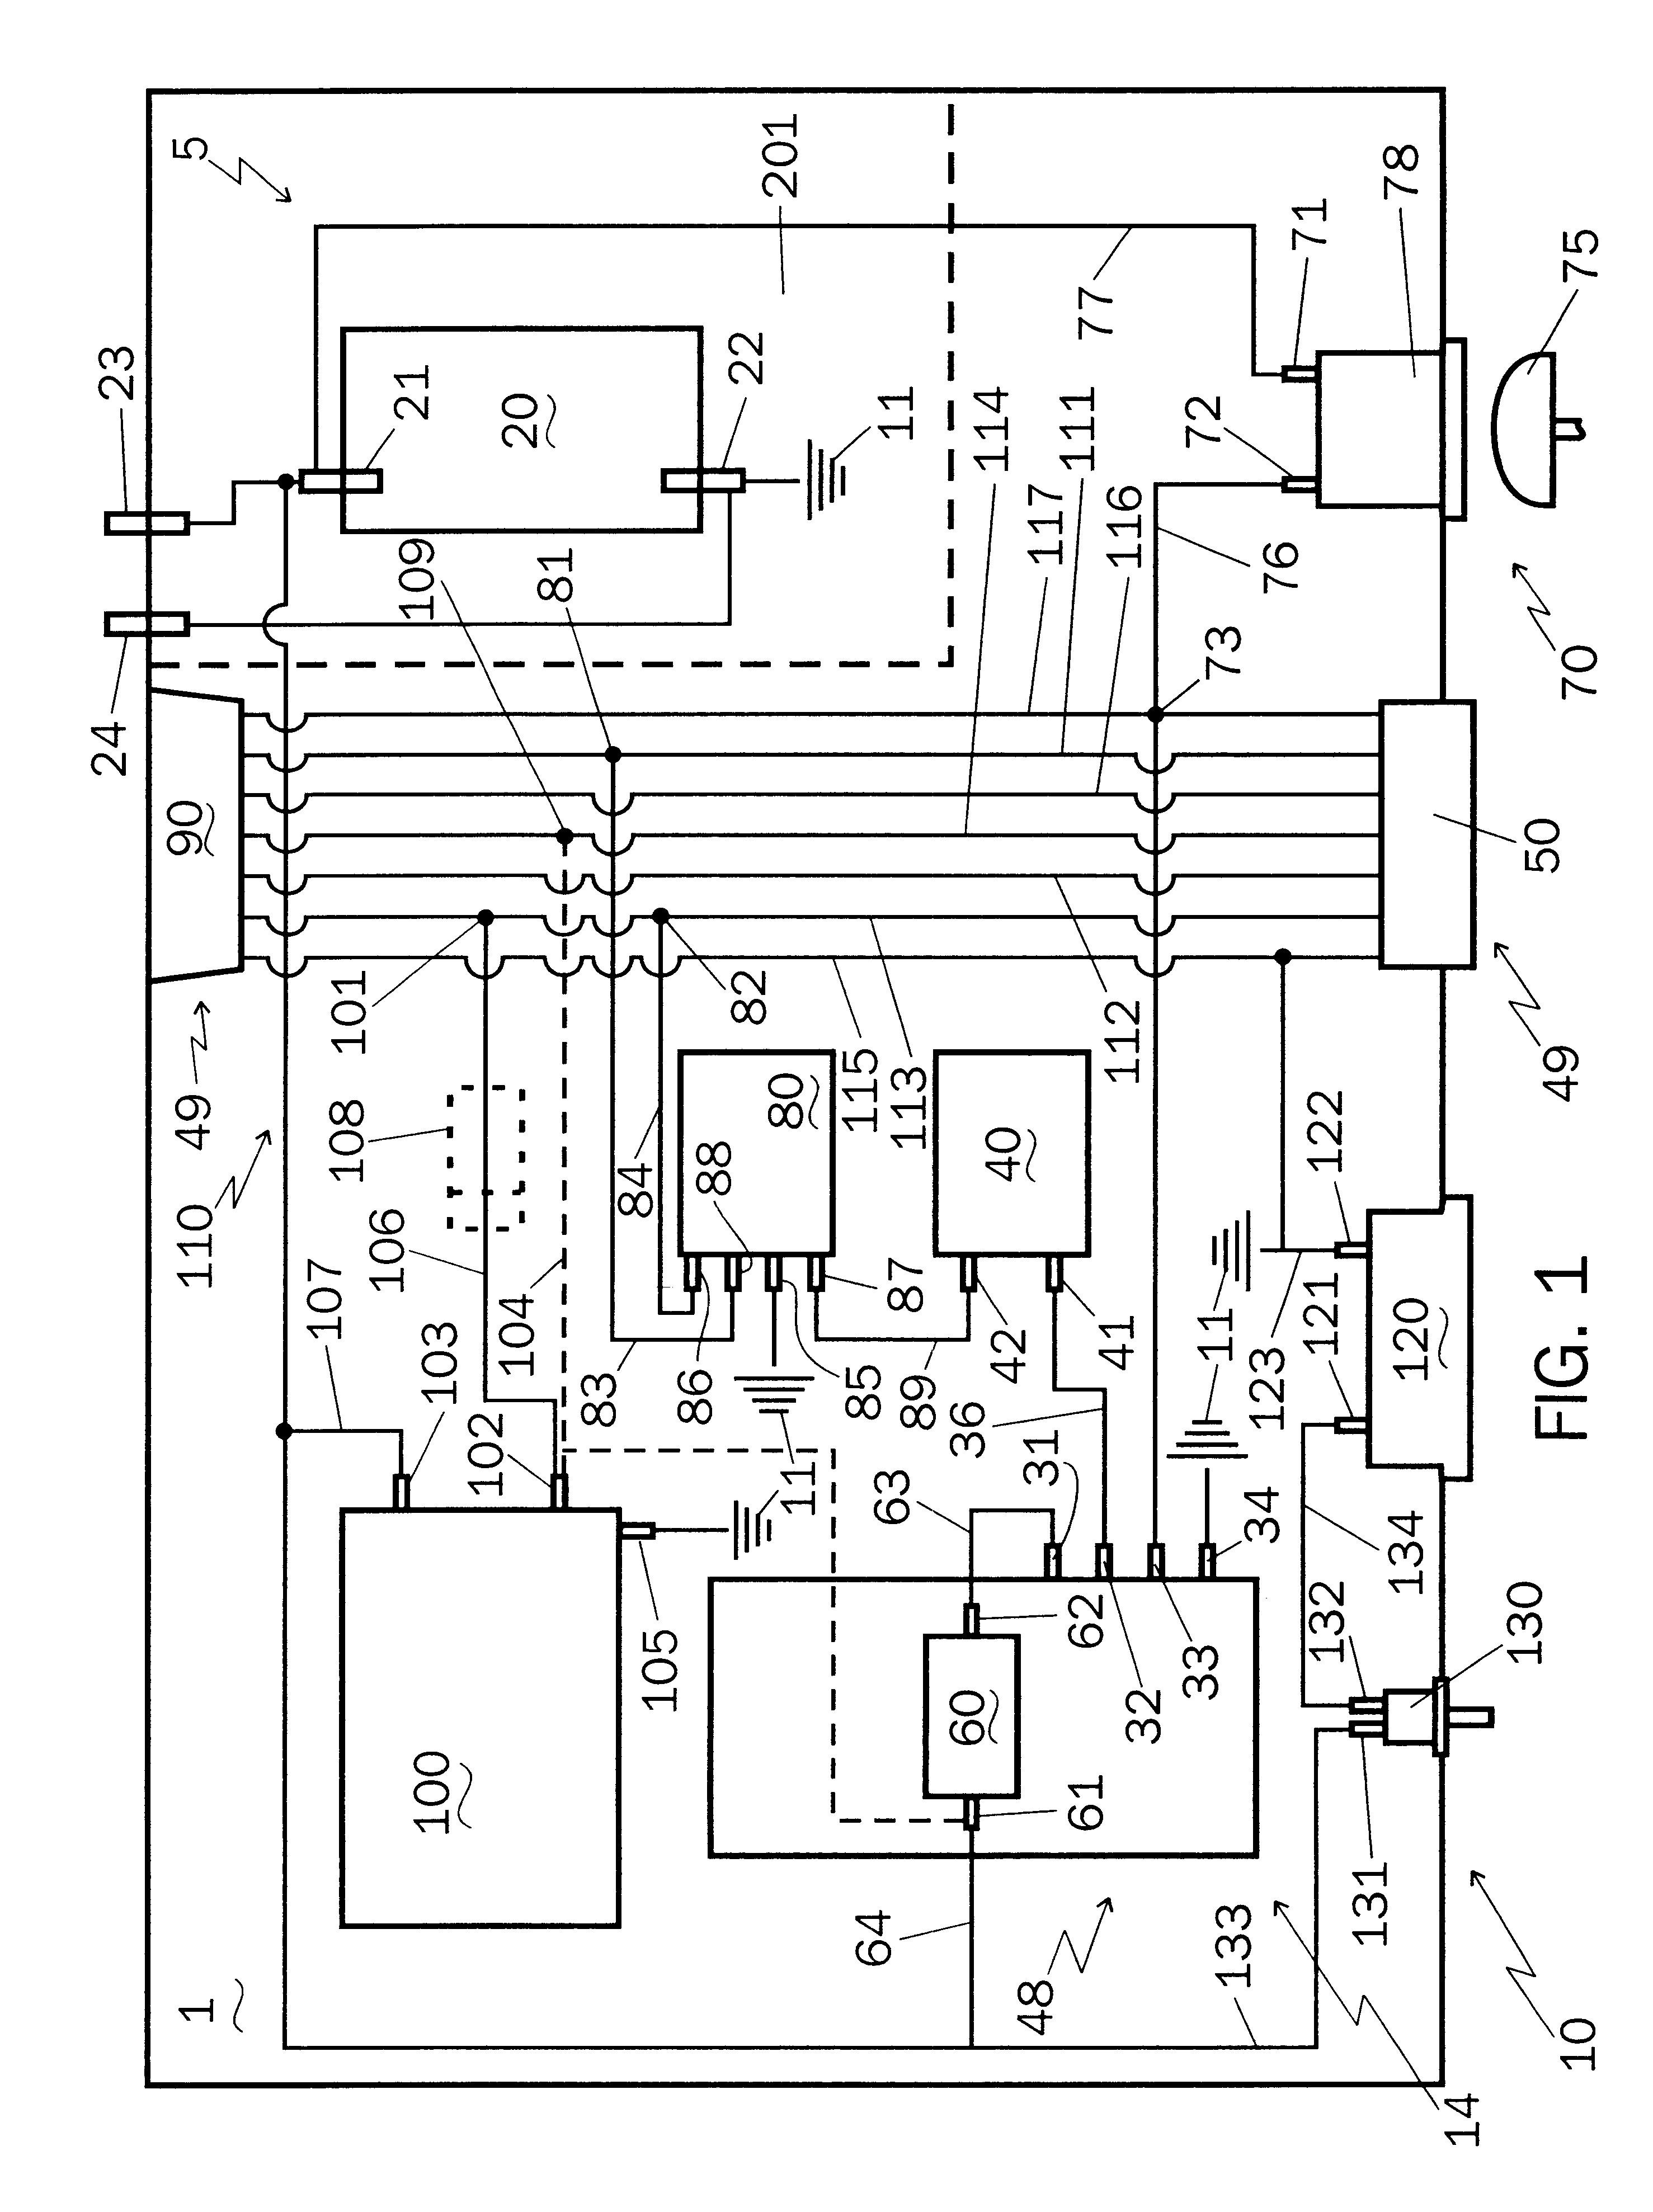 brake controller wiring diagram dodge ram